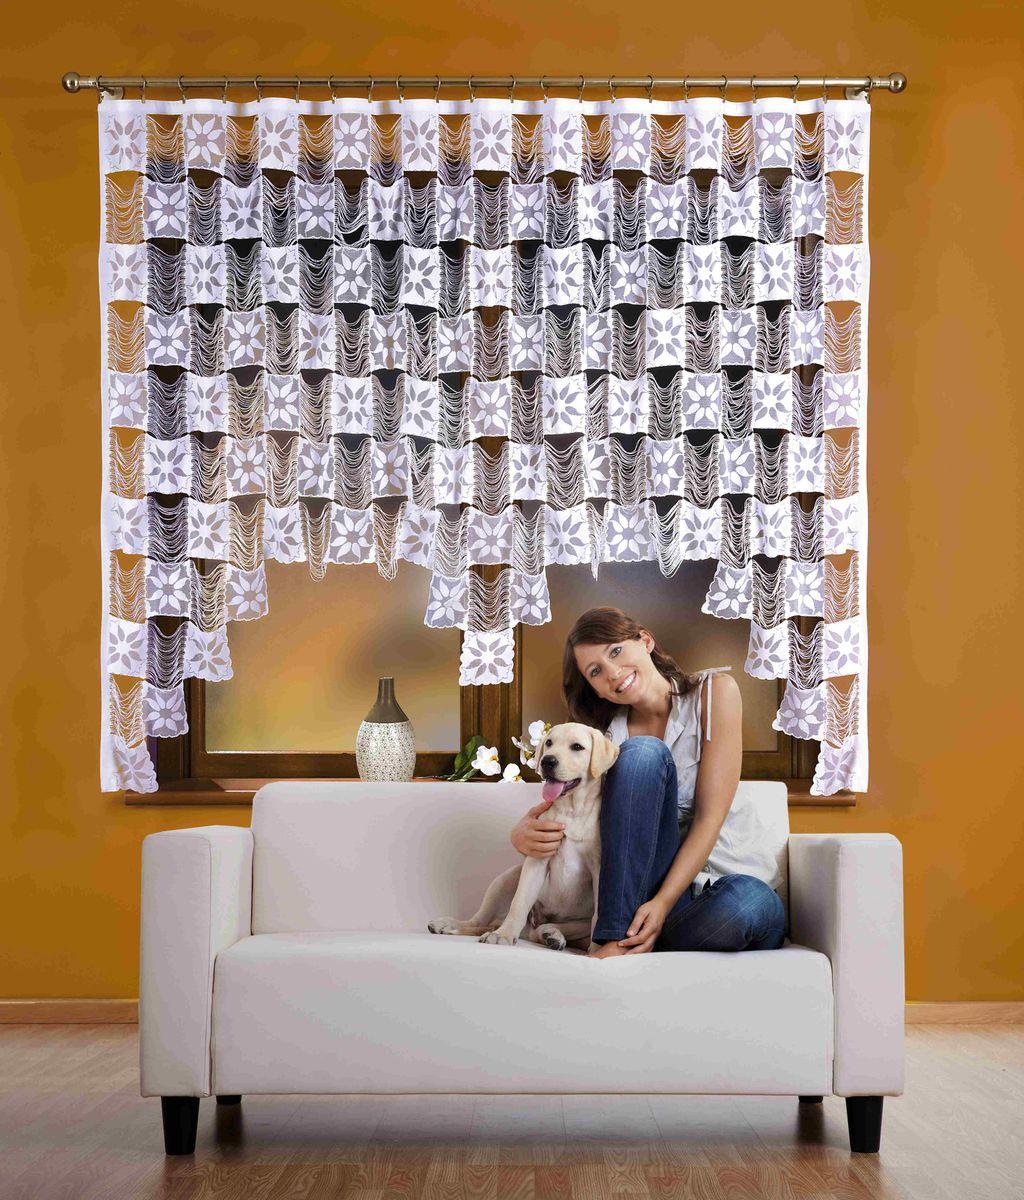 Гардина Wisan Stasia, на ленте, цвет: белый, высота 170 смSVC-300Воздушная гардина Wisan Stasia, изготовленная из полиэстера, станет великолепным украшением любого окна. Изделие выполнено из бахромы с квадратными вставками. Оригинальное оформление гардины внесет разнообразие и подарит заряд положительного настроения.Гардина оснащена шторной лентой для крепления на карниз.